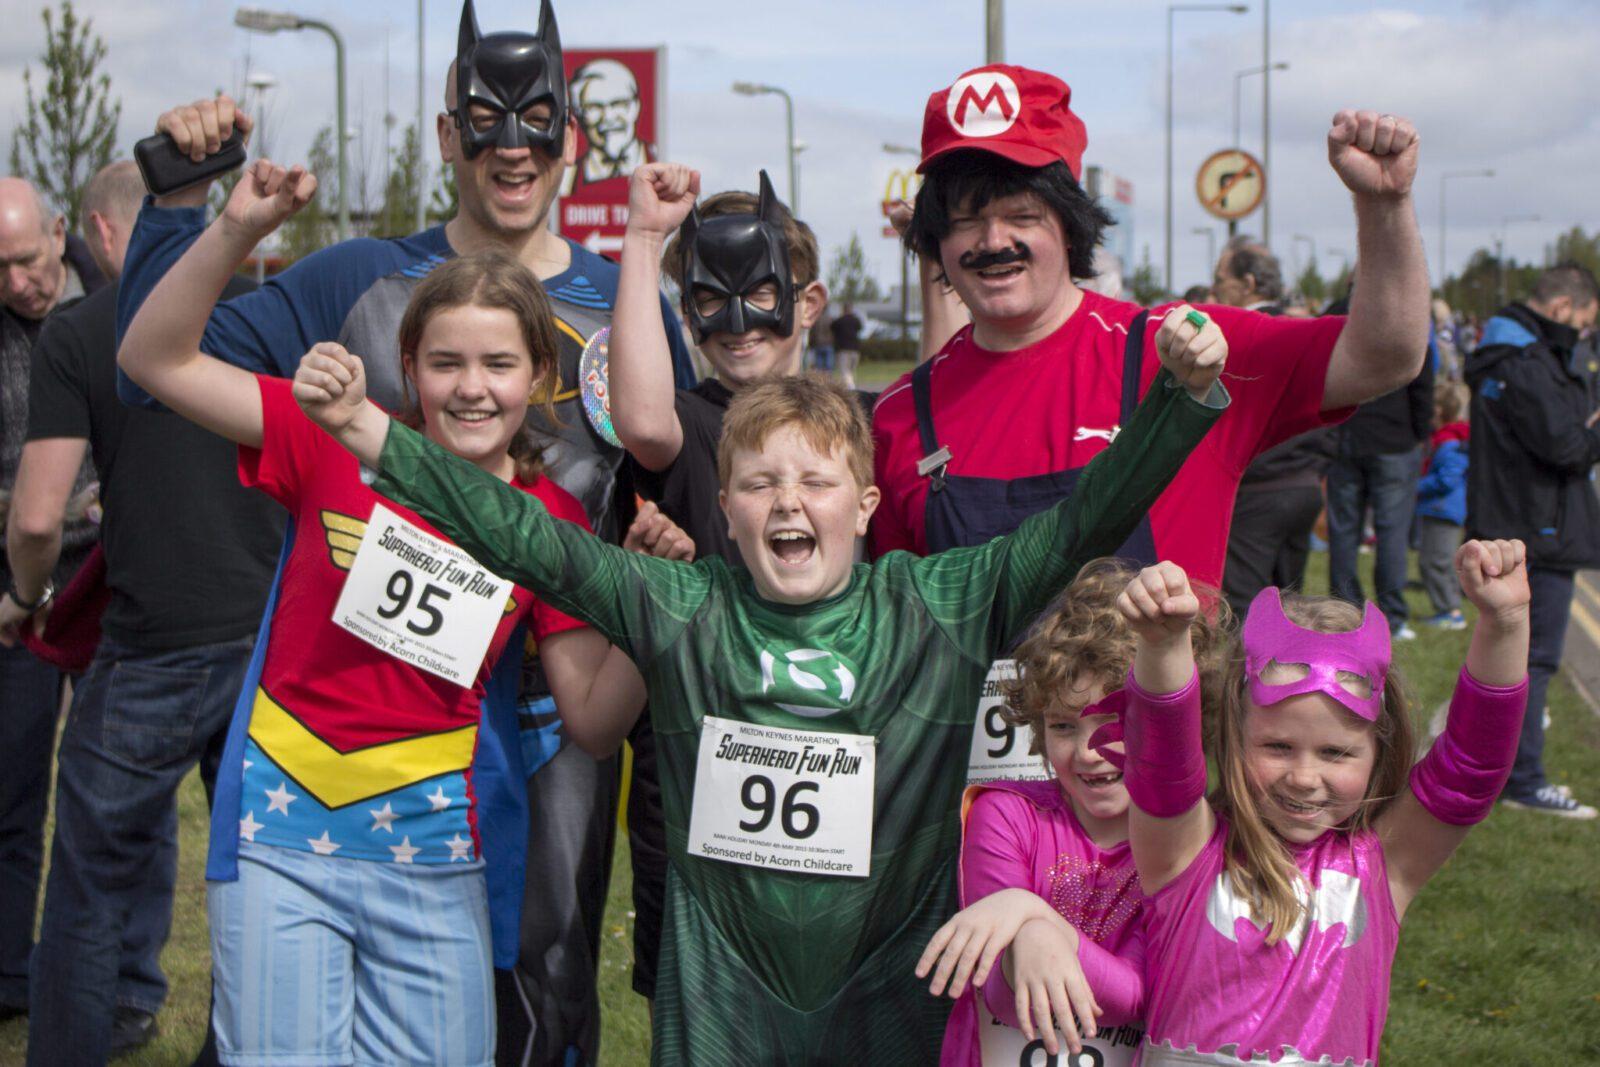 Mk Marathon Superhero Fun Run